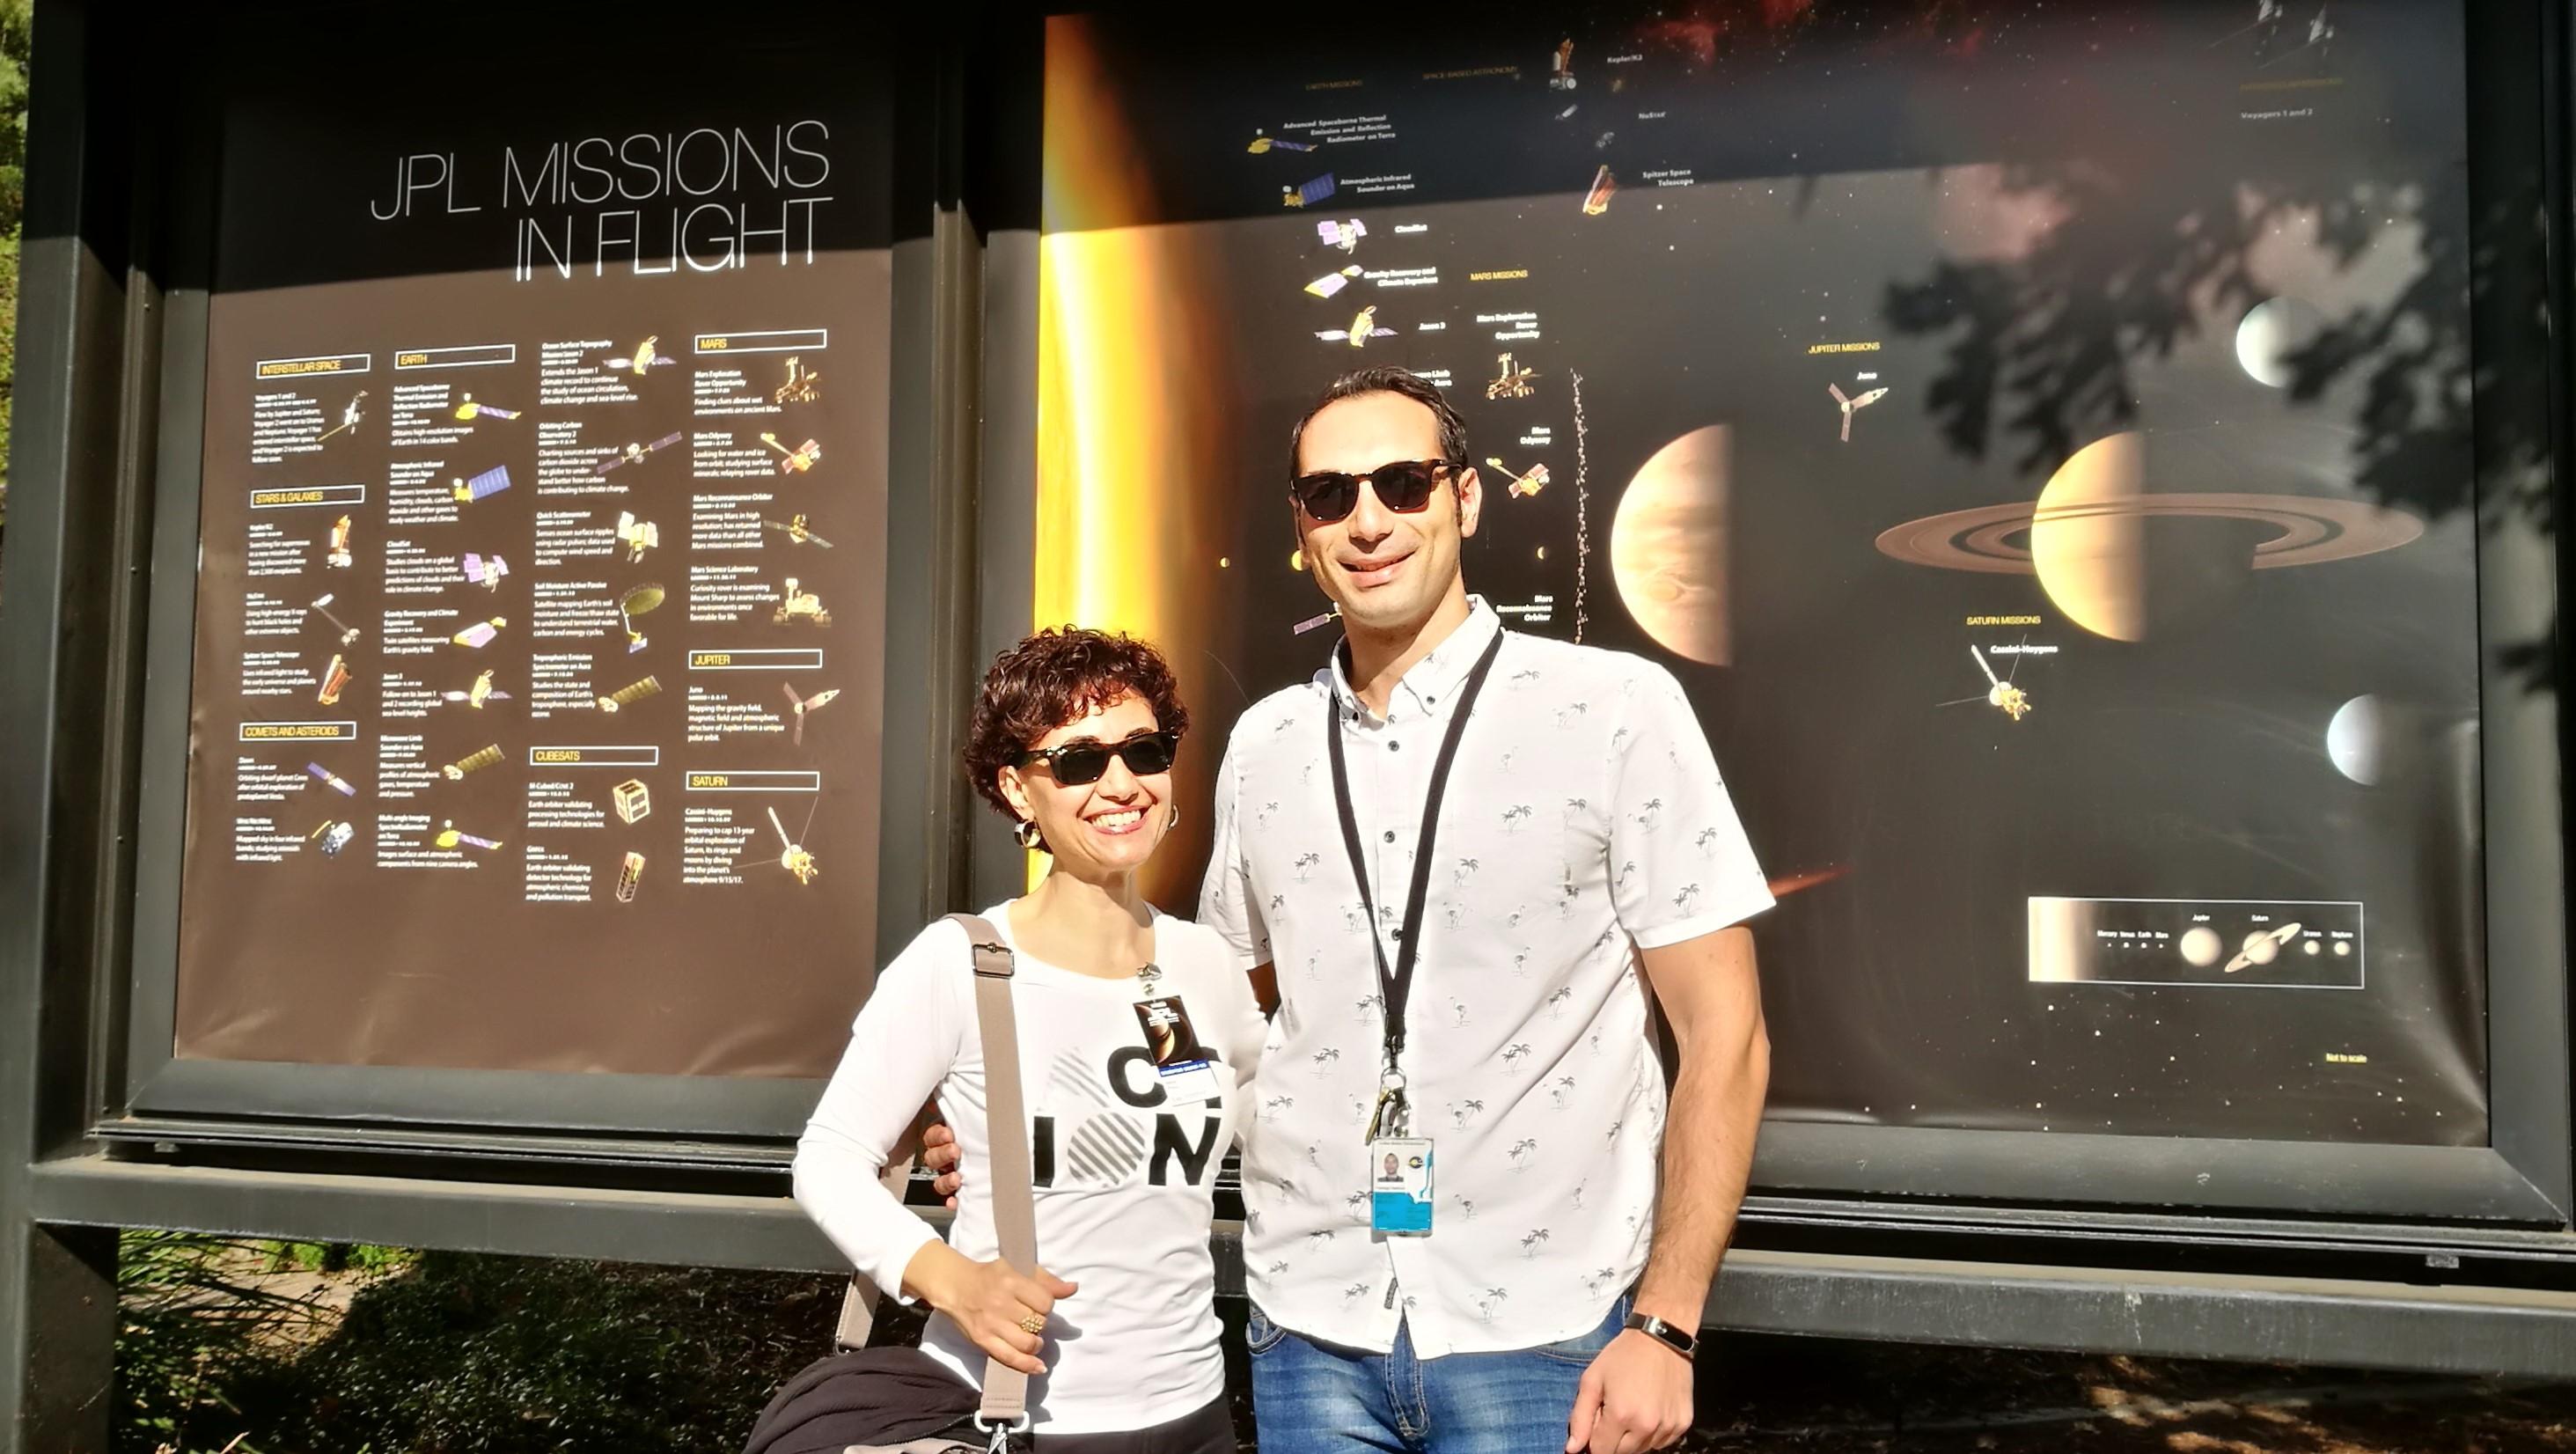 Maria Cristina Porcu e Pietro Milillo al NASA JPL, a Los Angeles nel novembre 2017.